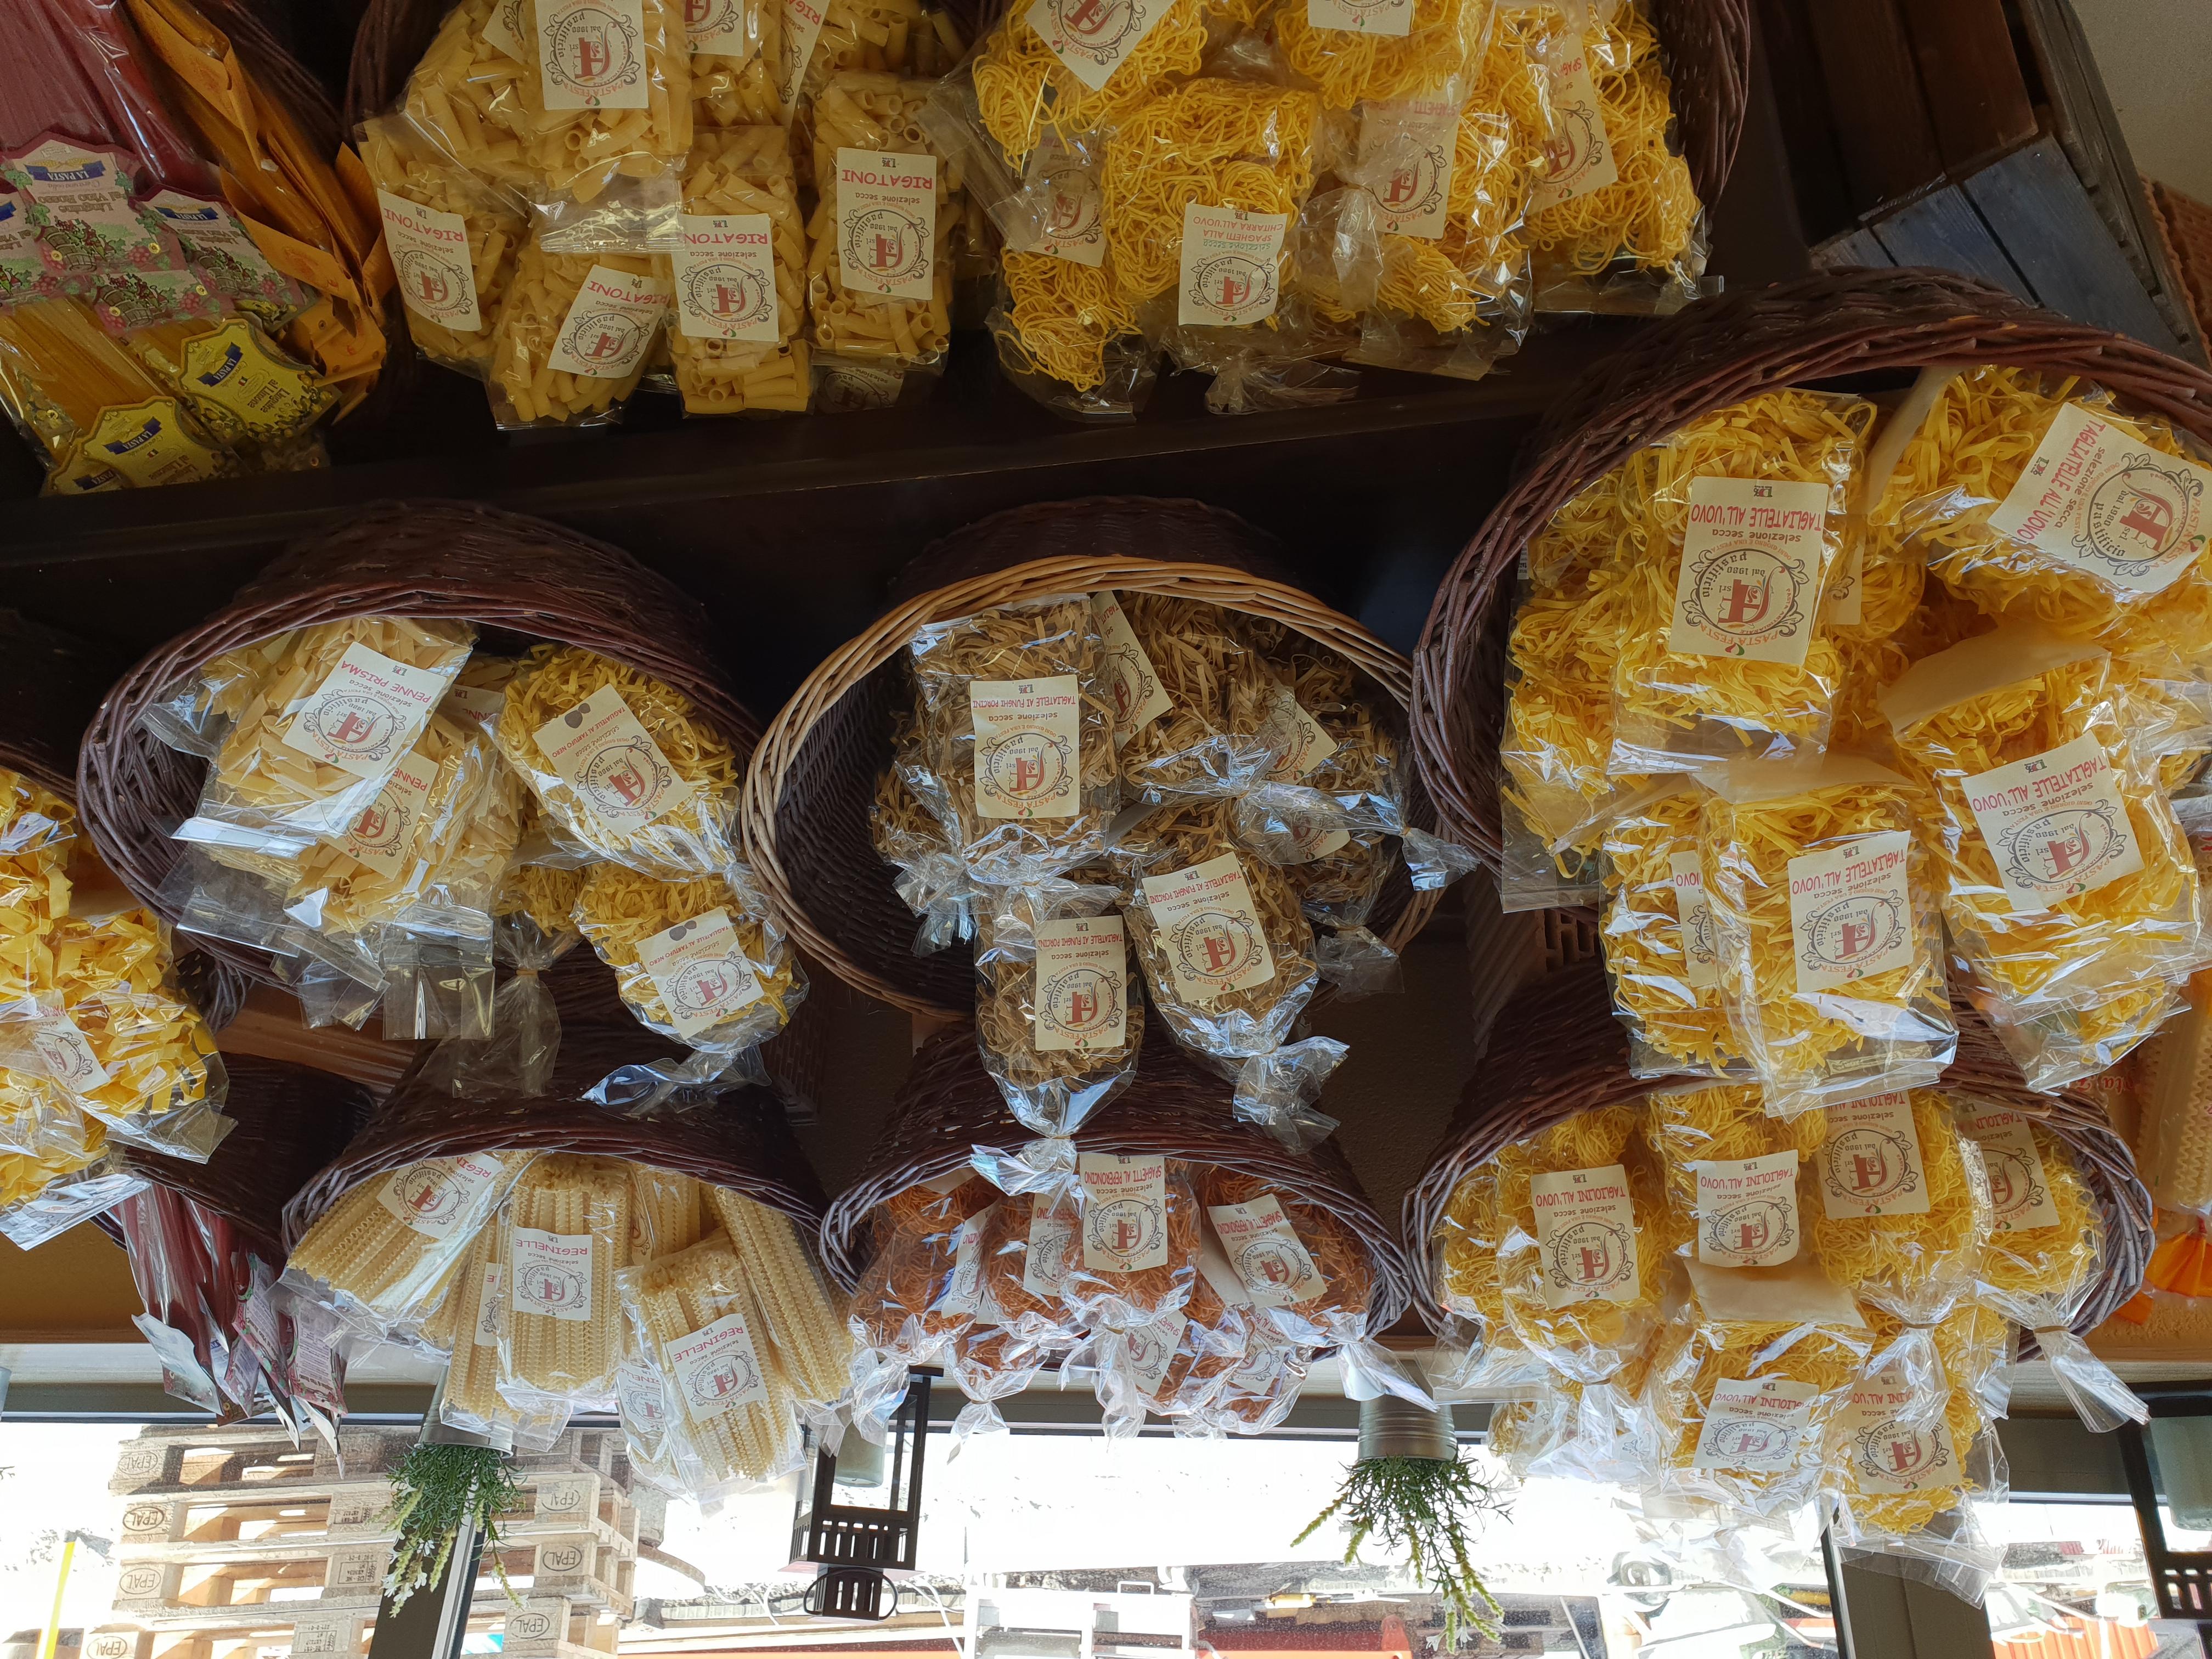 Ideen für Ihren nächsten Einkauf: Pasta/Nudeln, Saucen, Wurst, Käse, Olivenöl, Balsamico, hier finden Sie alles für die mediterrane und kulinarische Küche zu Hause